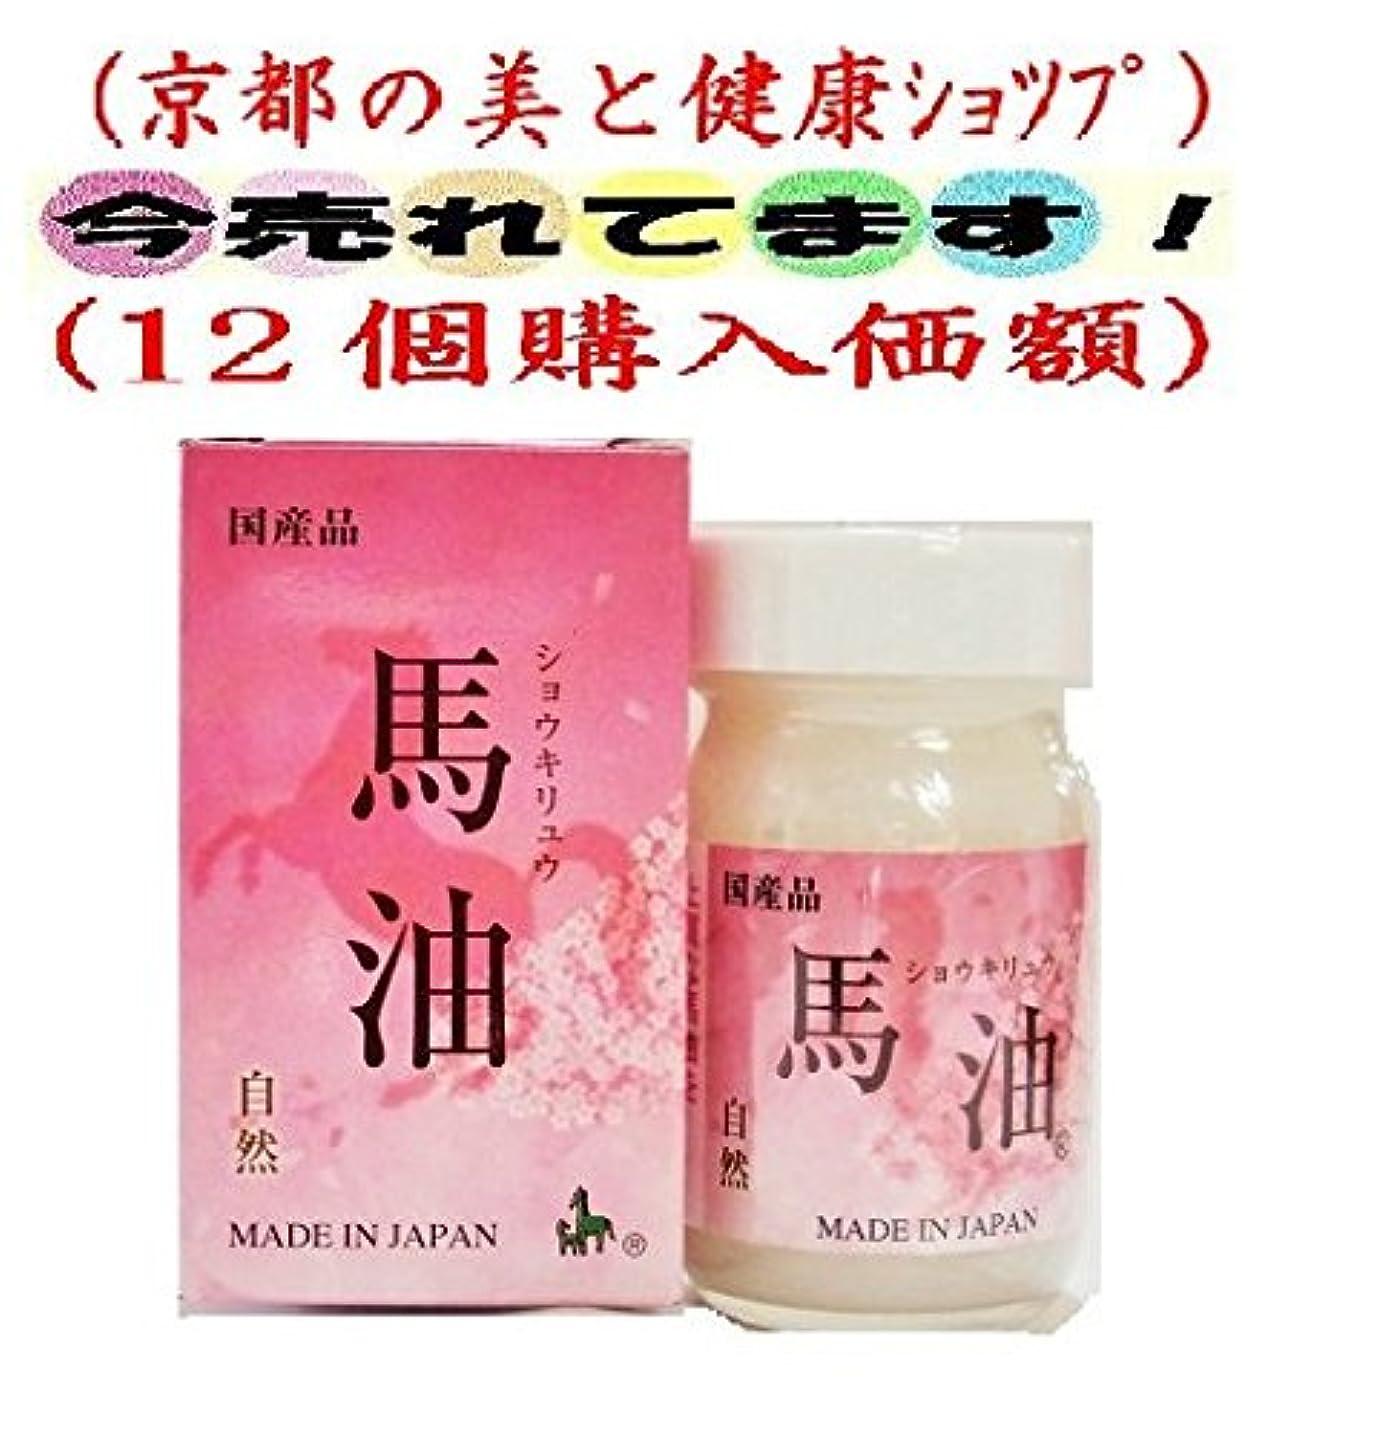 マエストロ仕える狂信者ショウキリュウ 馬油 自然 70ml (桜 ピンク化粧箱 12個購入価額)